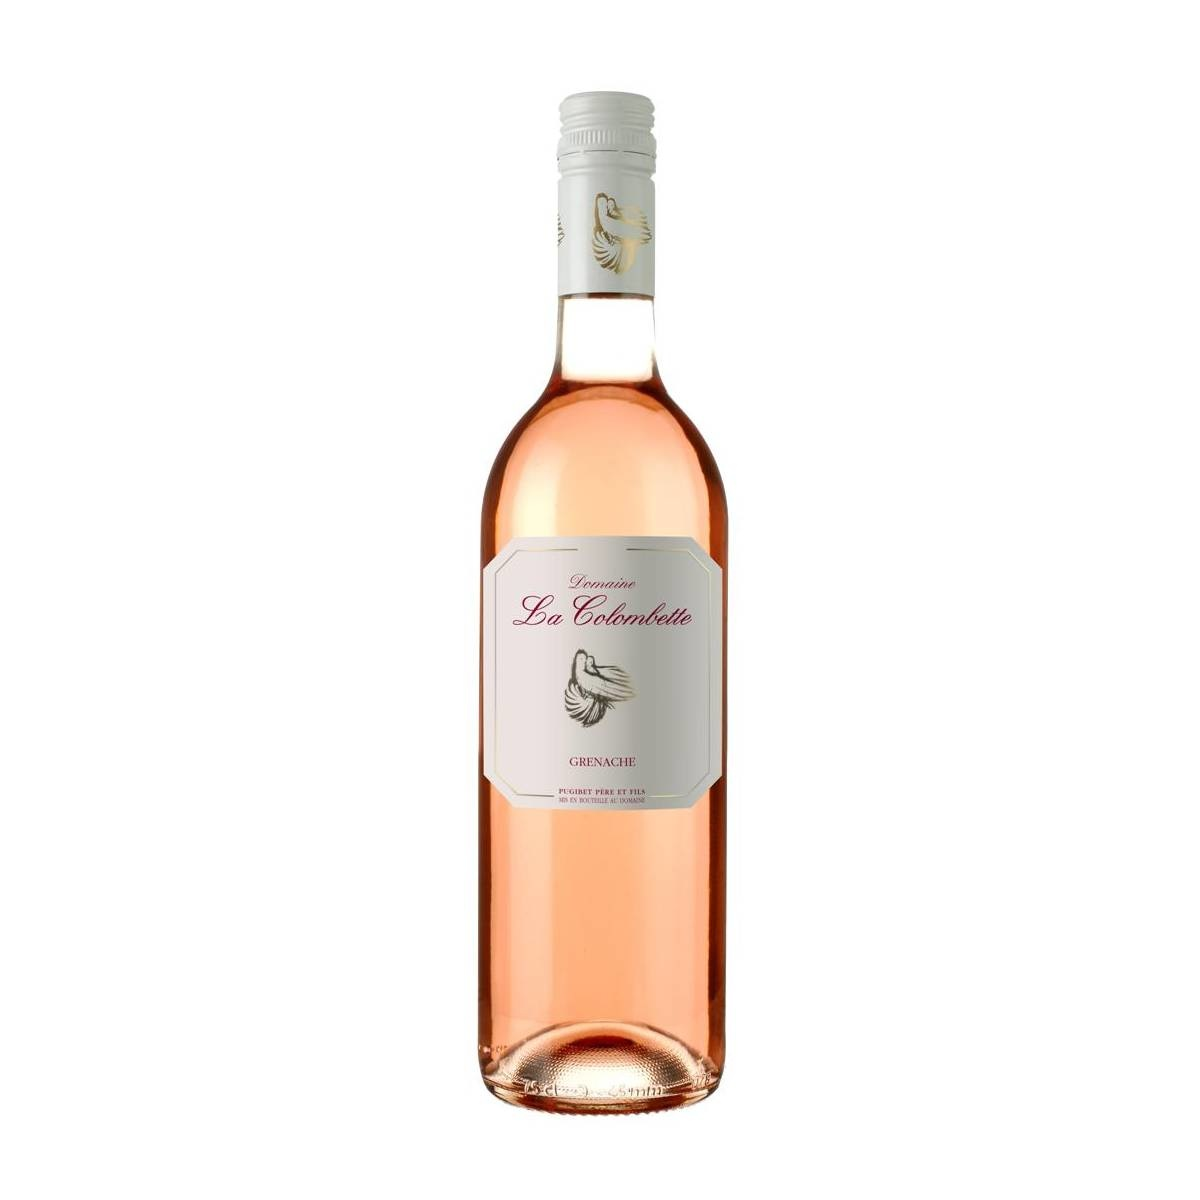 Domaine la Colombette Rosé 2019